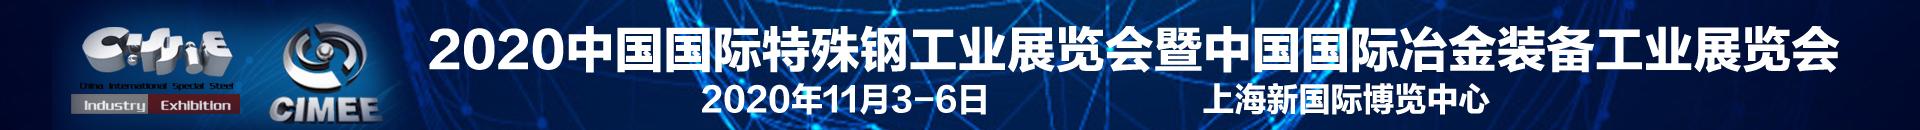 2020第十五届中国国际特殊钢工业展览会 中国国际冶金装备工业展览会